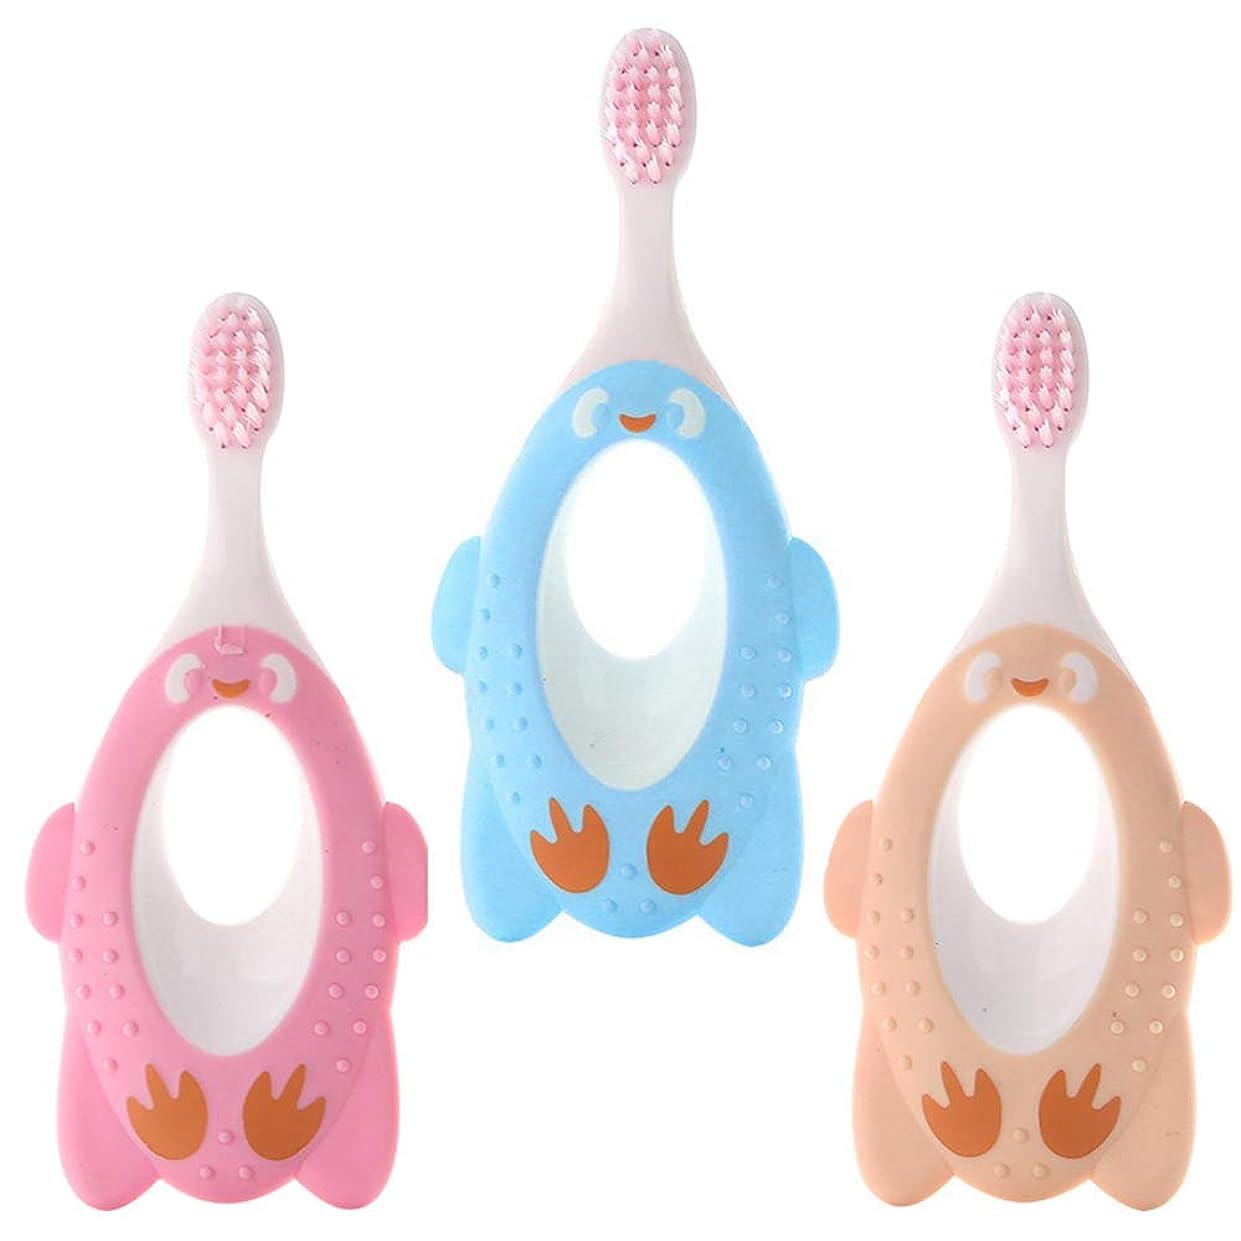 赤ん坊、幼児および子供のための3つのかわいい赤ん坊の歯ブラシセットやわらかデンタルトレーニング歯ブラシオーラルケアセット17×9.5cm(ブルーピンクイエロー)